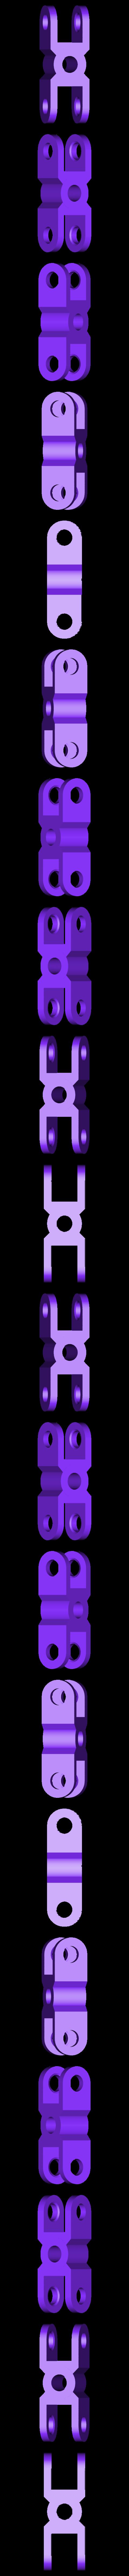 clip_x2_hole.stl Download free STL file ChainClip Construction Set • 3D print template, ferjerez3d